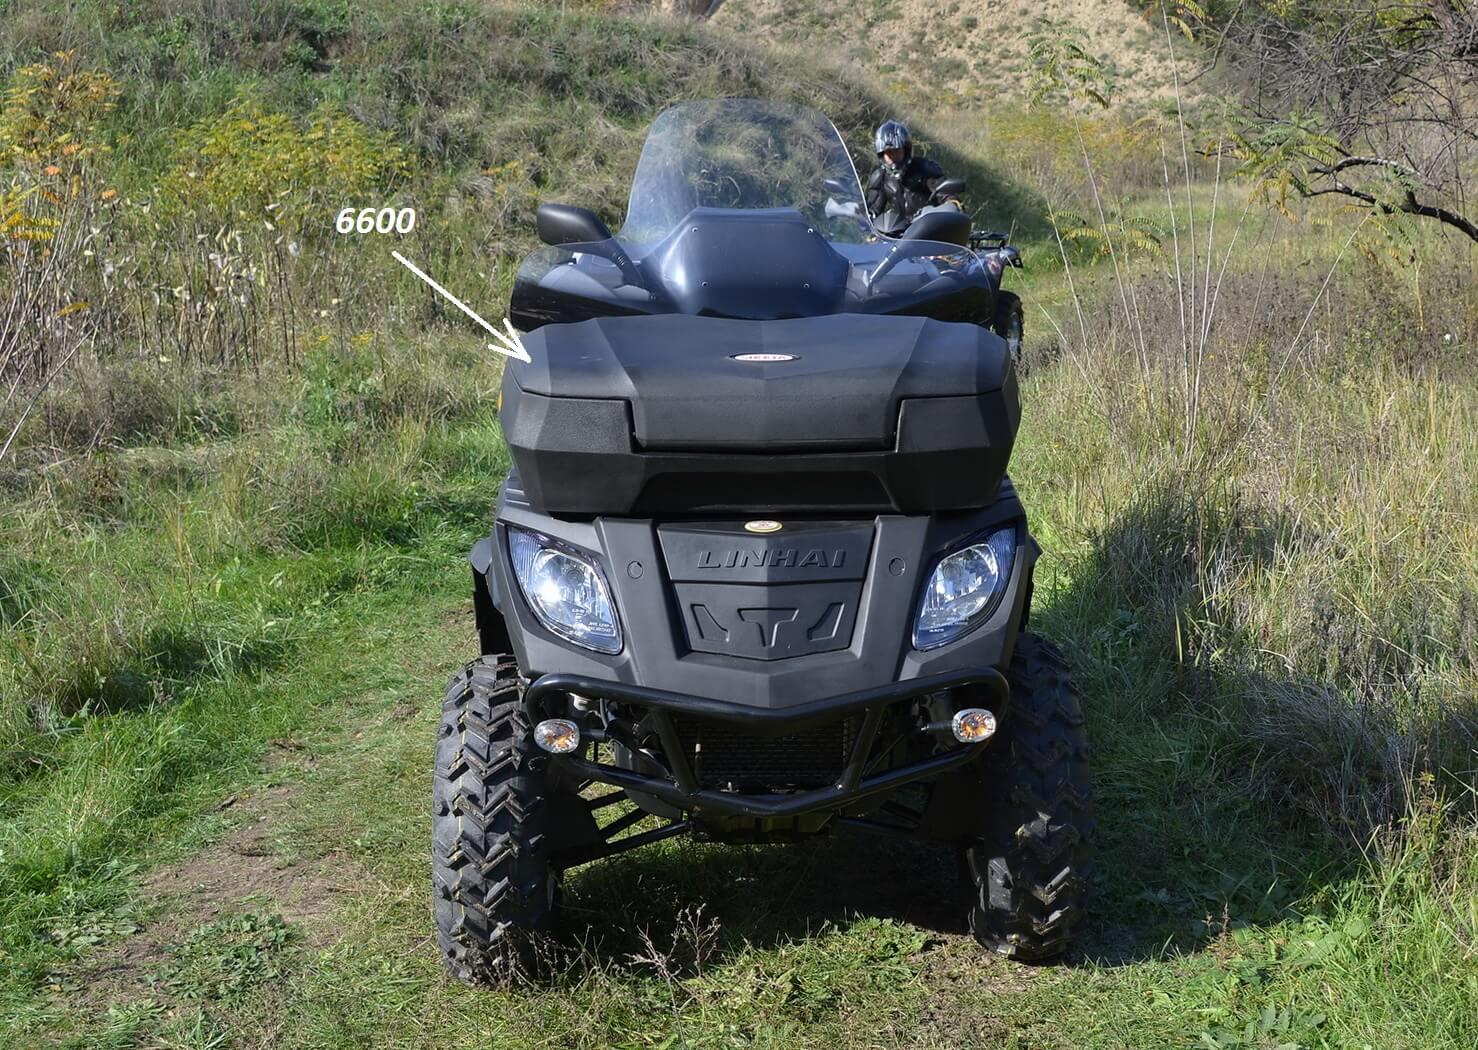 Кофр для квадроцикла 6600 передний  Артмото - купить квадроцикл в украине и харькове, мотоцикл, снегоход, скутер, мопед, электромобиль